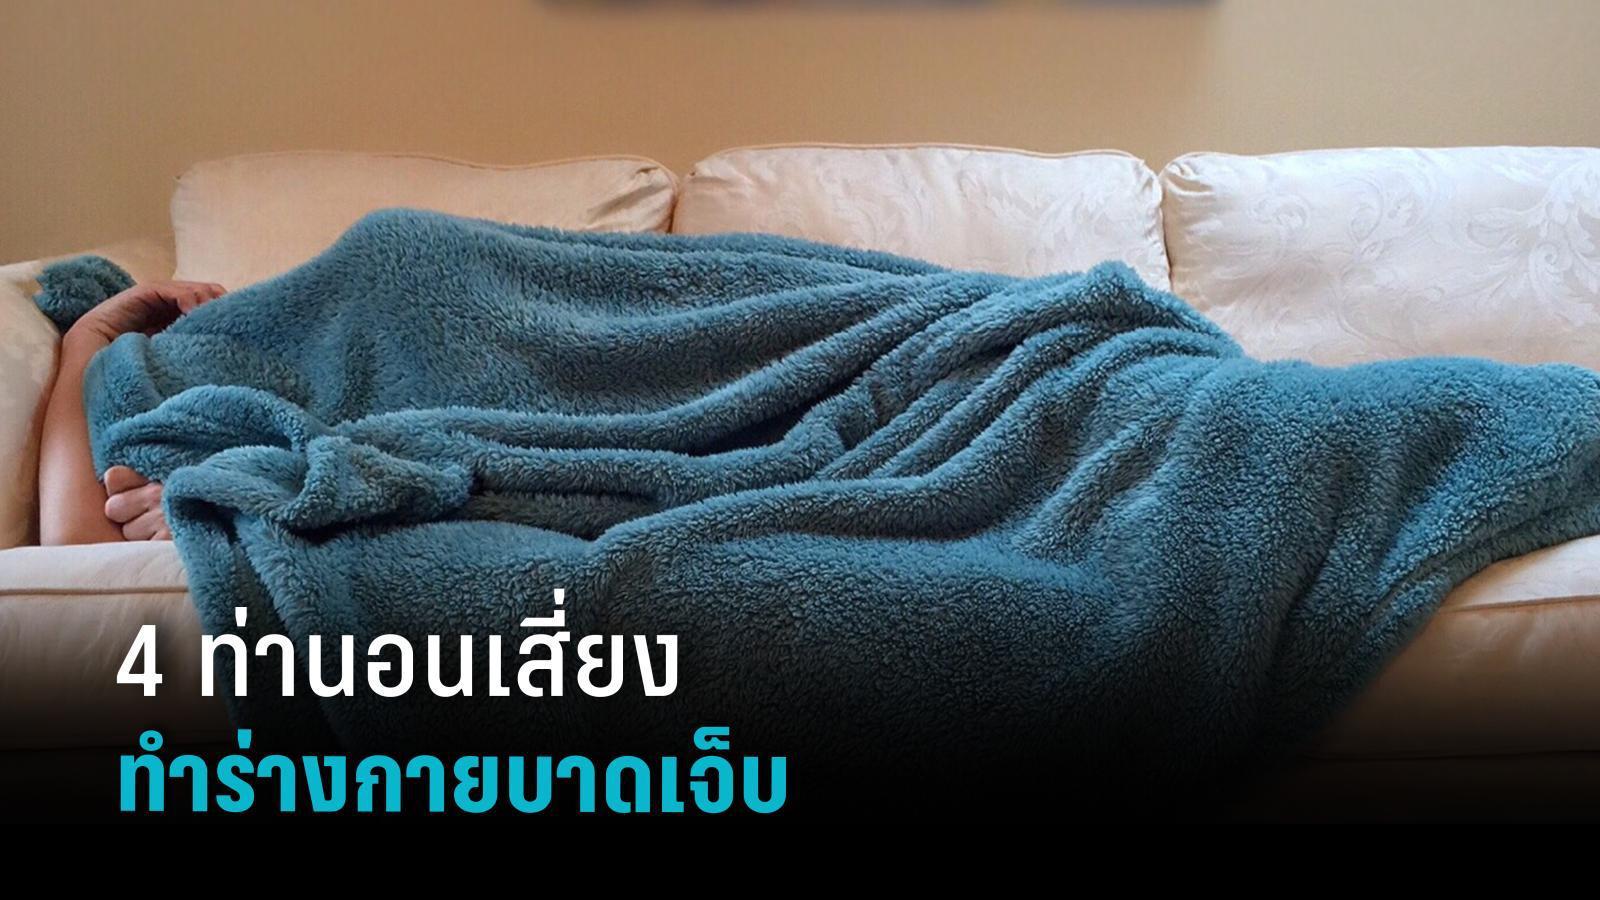 4 ท่านอนที่ไม่ควรทำ ไม่อย่างนั้นจะทำให้ปวดตัว ปวดกล้ามเนื้อ รวมถึงระบบประสาท